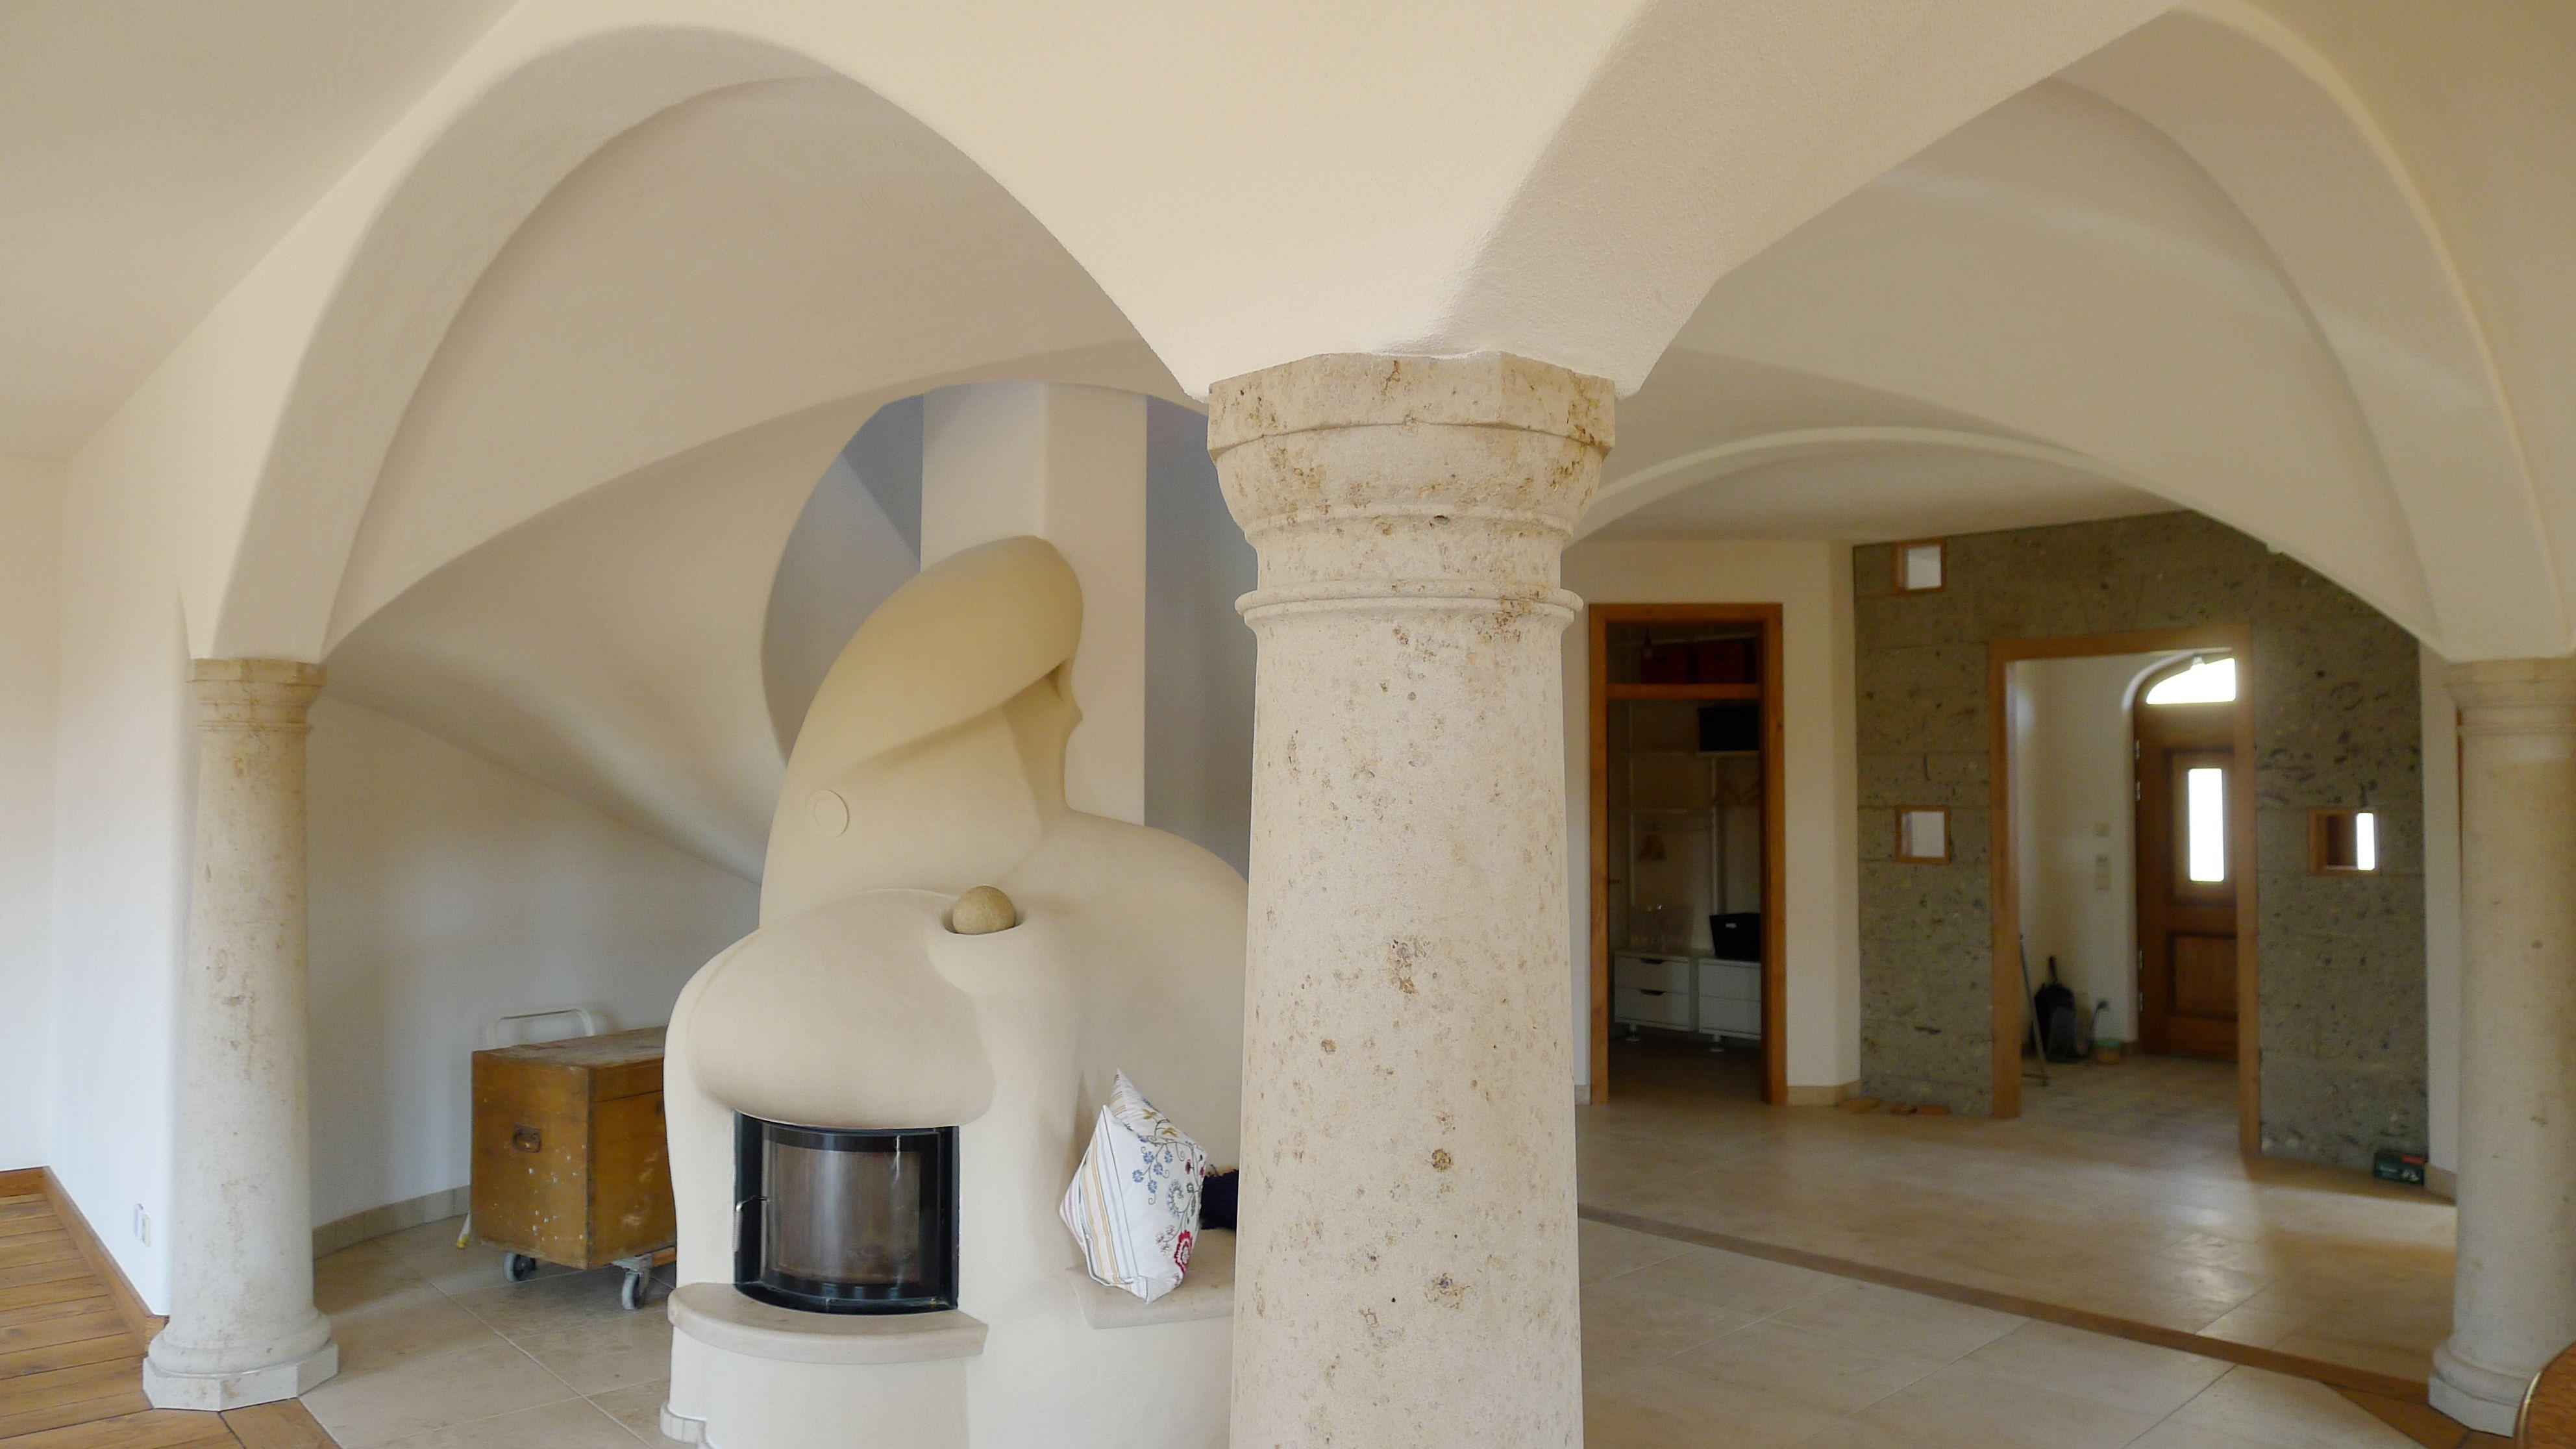 Gewölbedecke in einem Neubau, Wohnzimmer/Treppenhaus | Gewölbe bauen ...